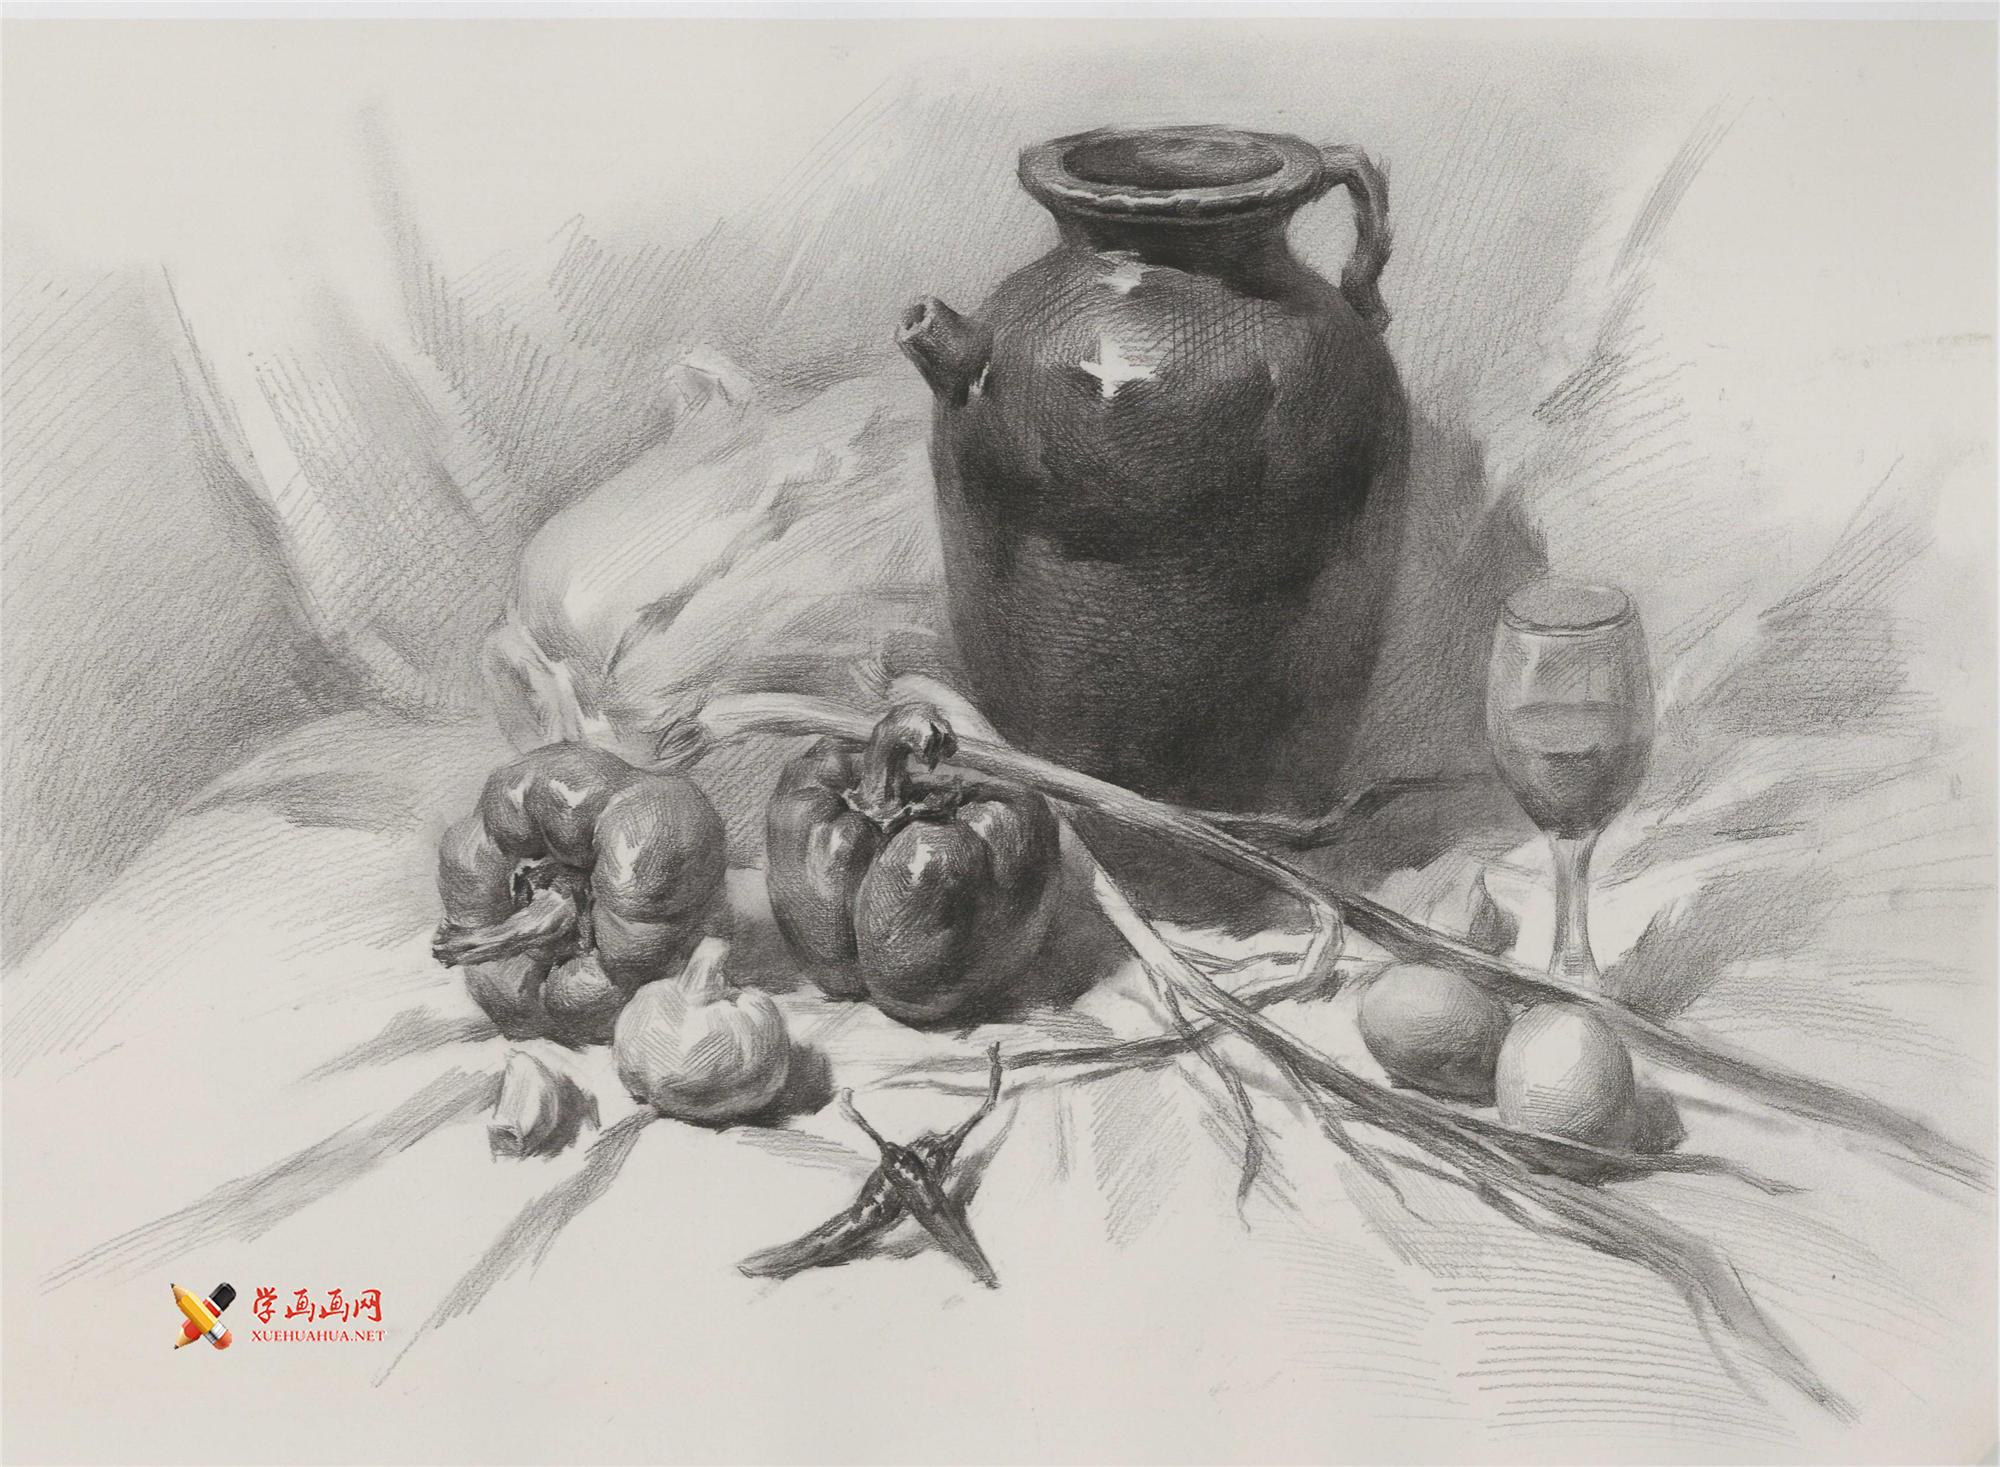 素描深色罐子、青椒、鸡蛋、葱、高脚杯的组合画法高清图片(1)